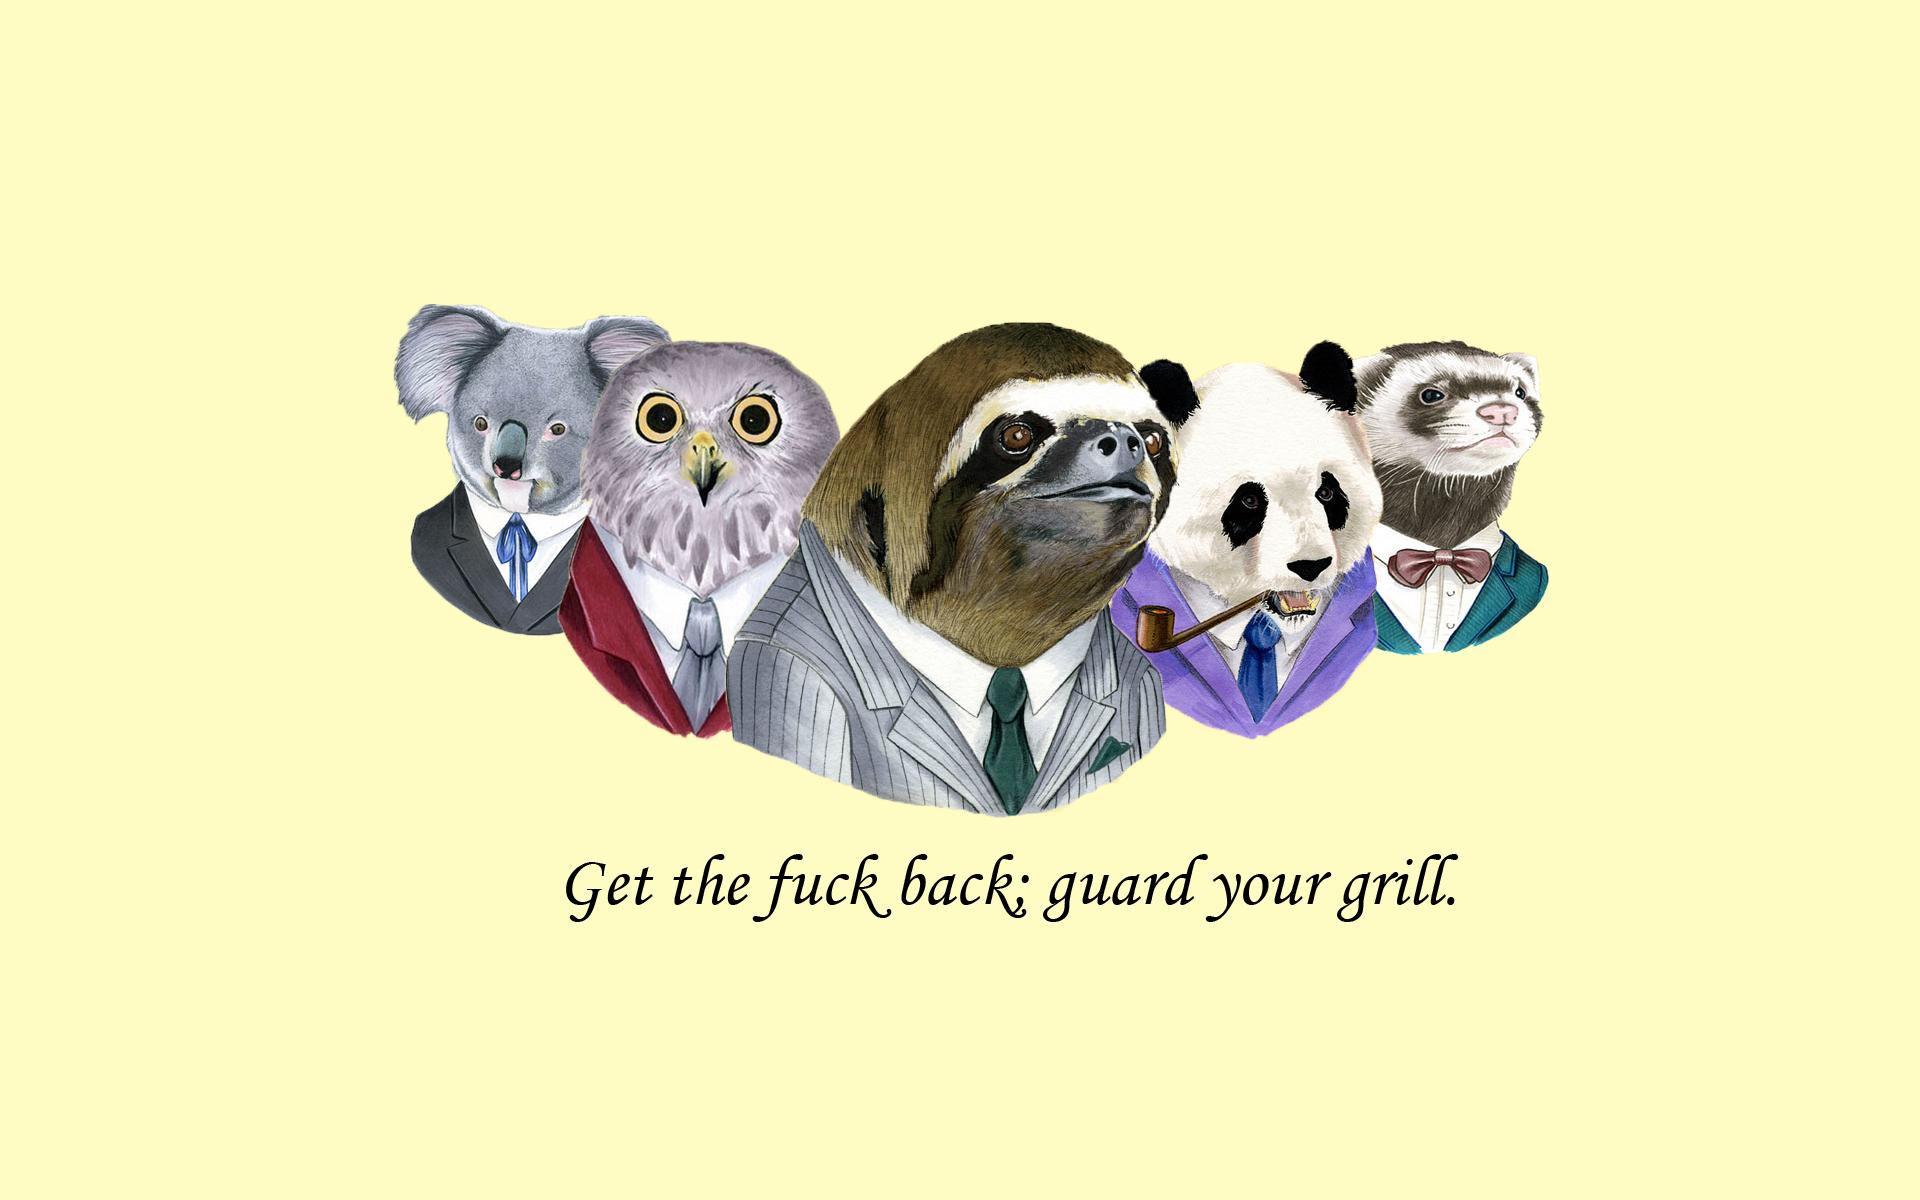 Sloth Astronaut Wallpaper - WallpaperSafari